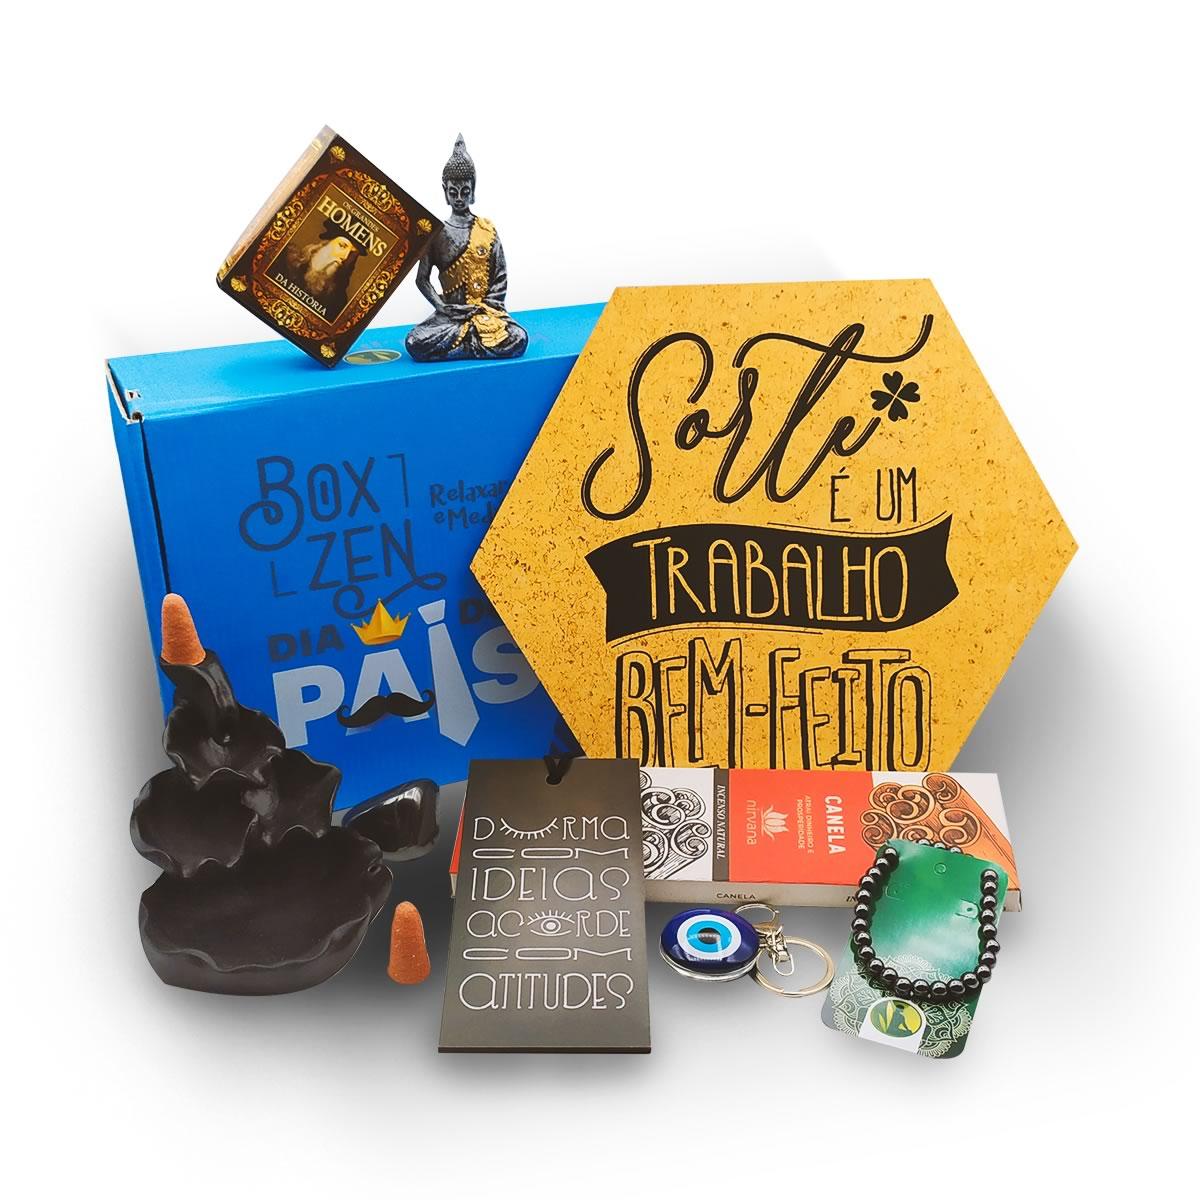 Box Zen - Kit de Produtos com Caixa Surpresa: Edição Dia dos Pais